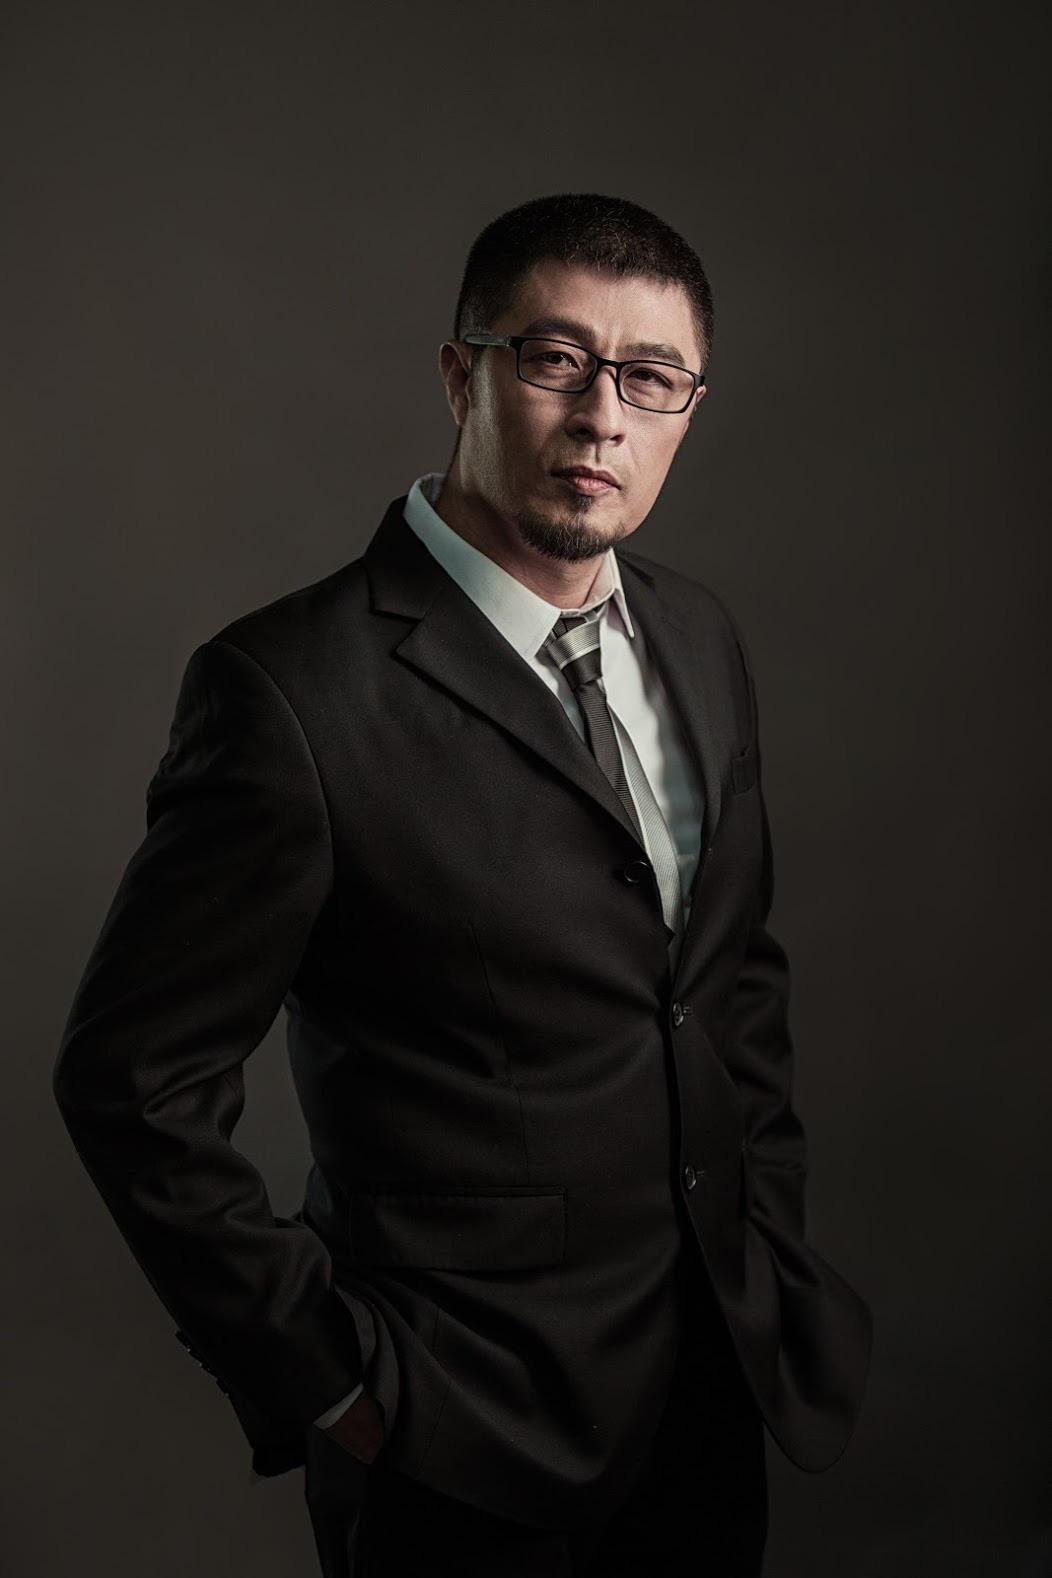 """Đạo diễn Charlie Nguyễn: """"Năng lượng tích cực chính là sức mạnh của một người đầu tàu!"""" - Ảnh 2."""